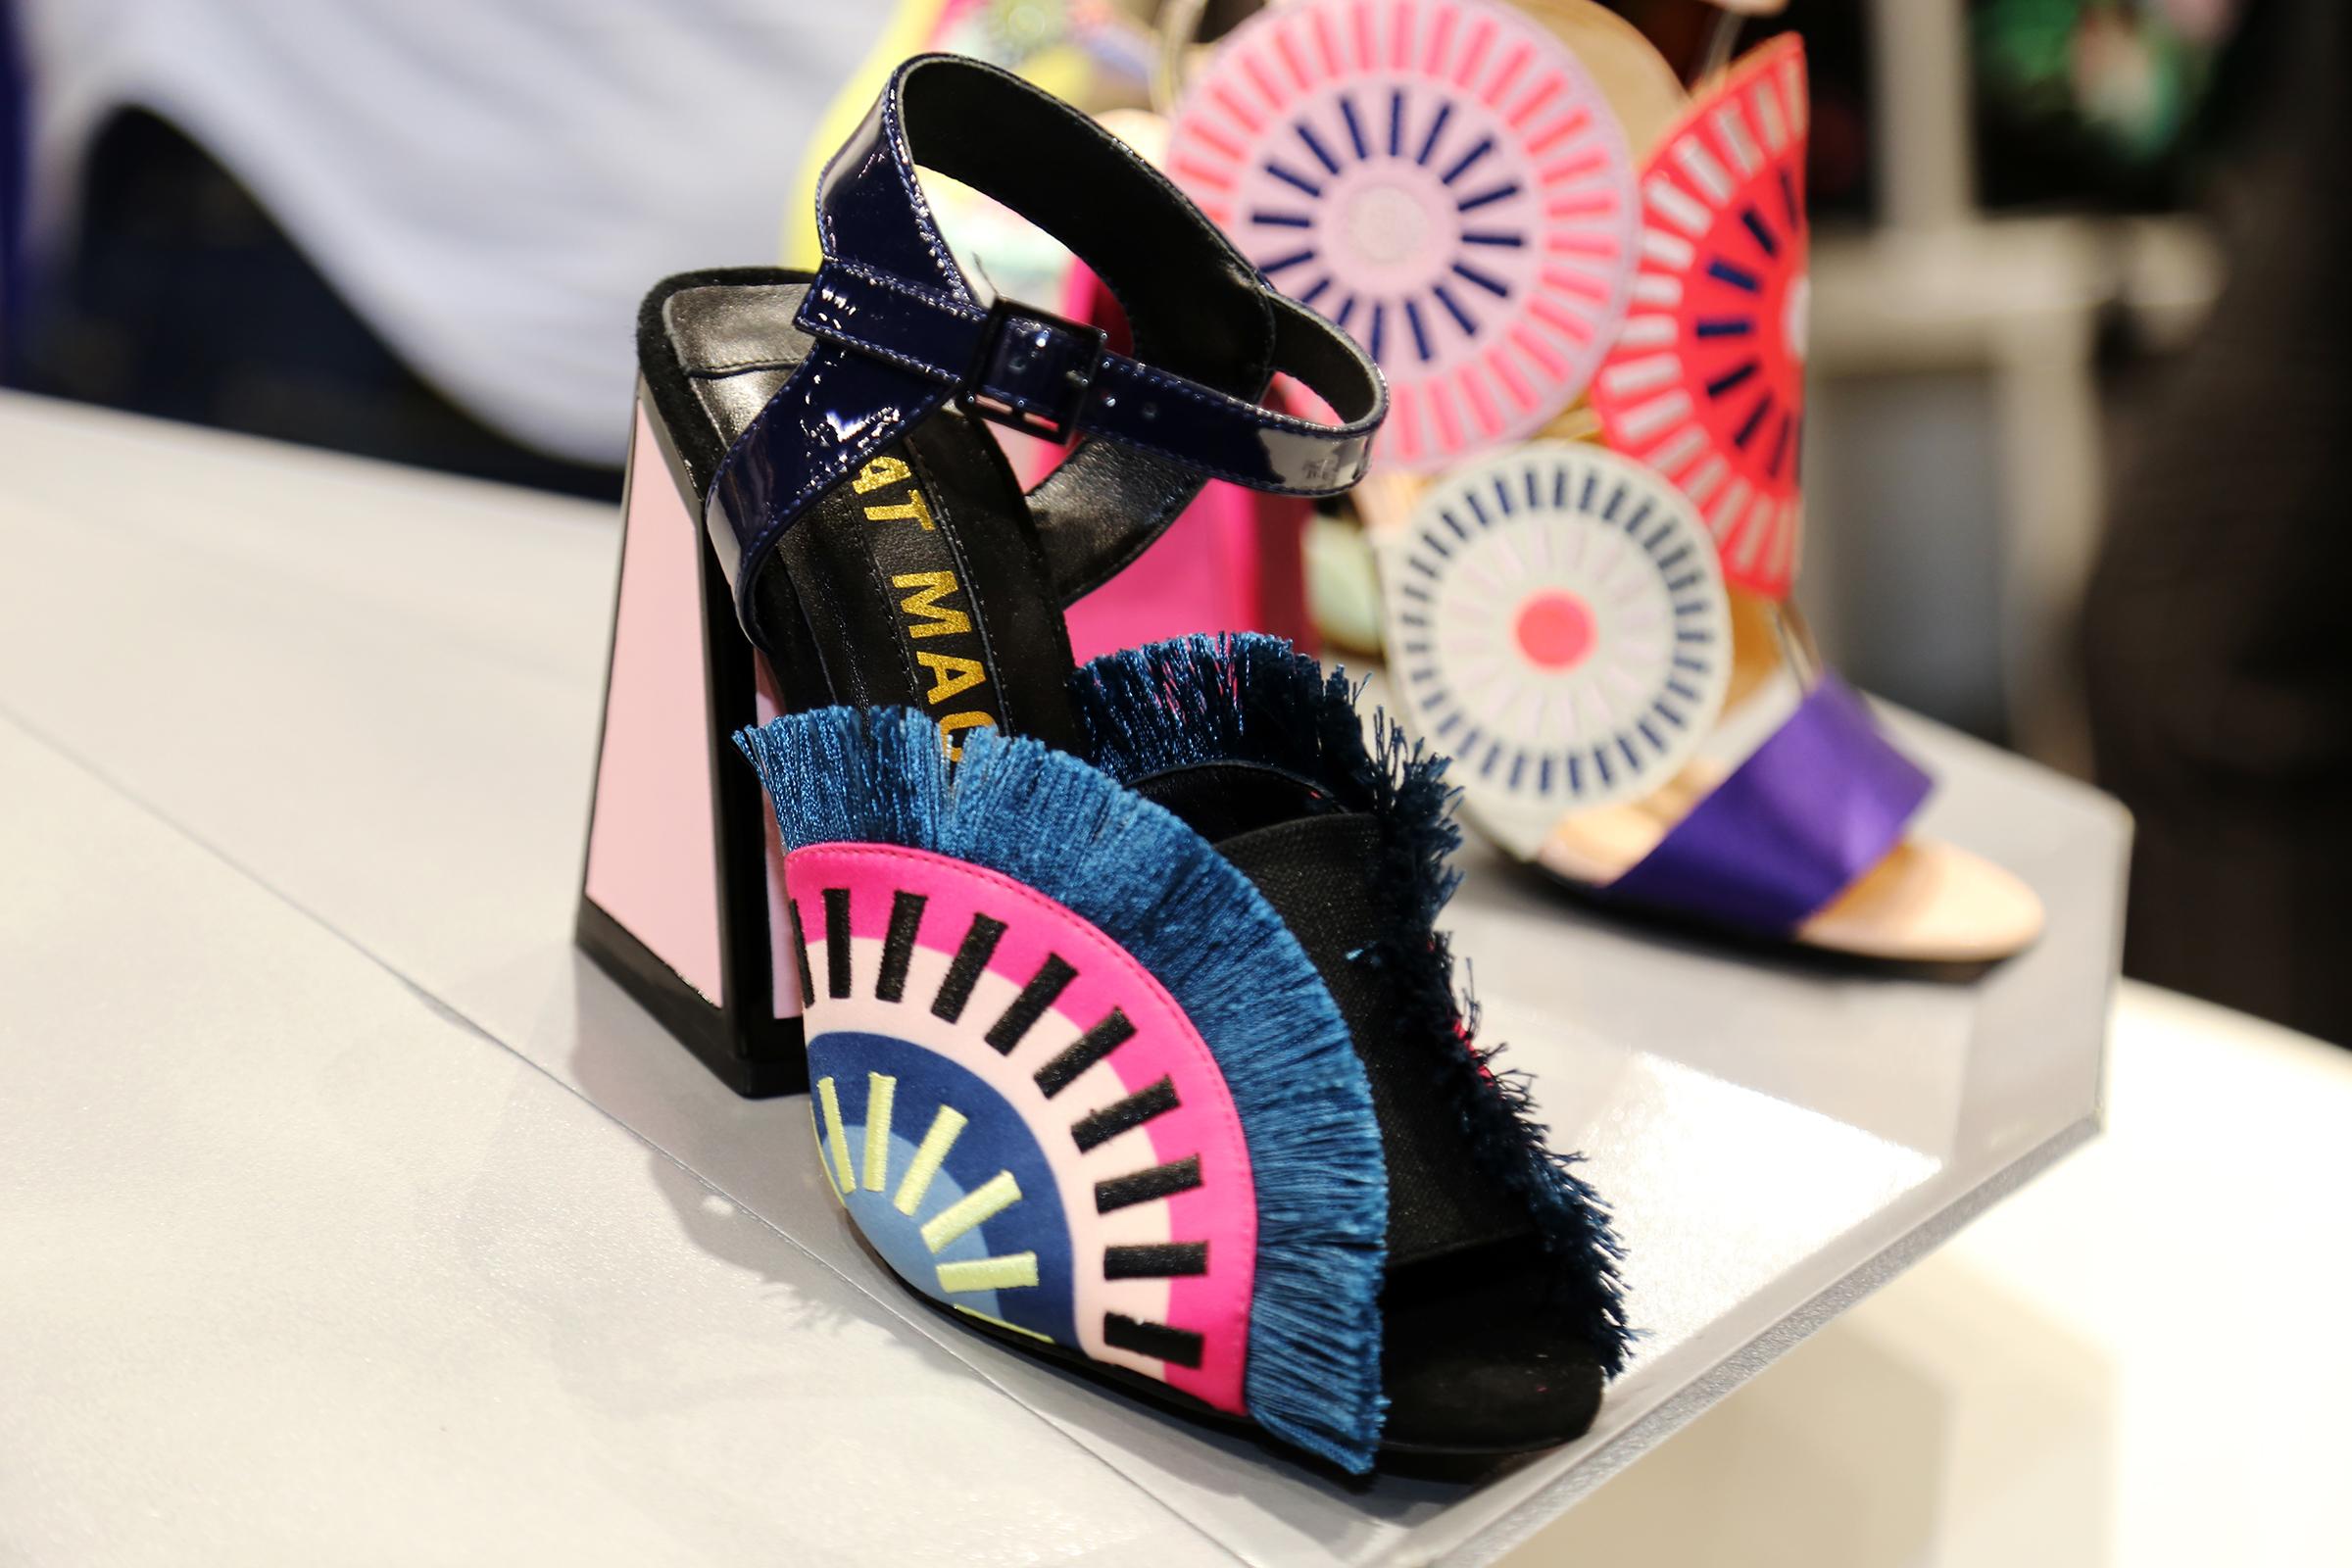 La mezcla de colores y elementos decorativos son parte importante del calzado de Kat Maconie. (Nichole Saldarriaga)